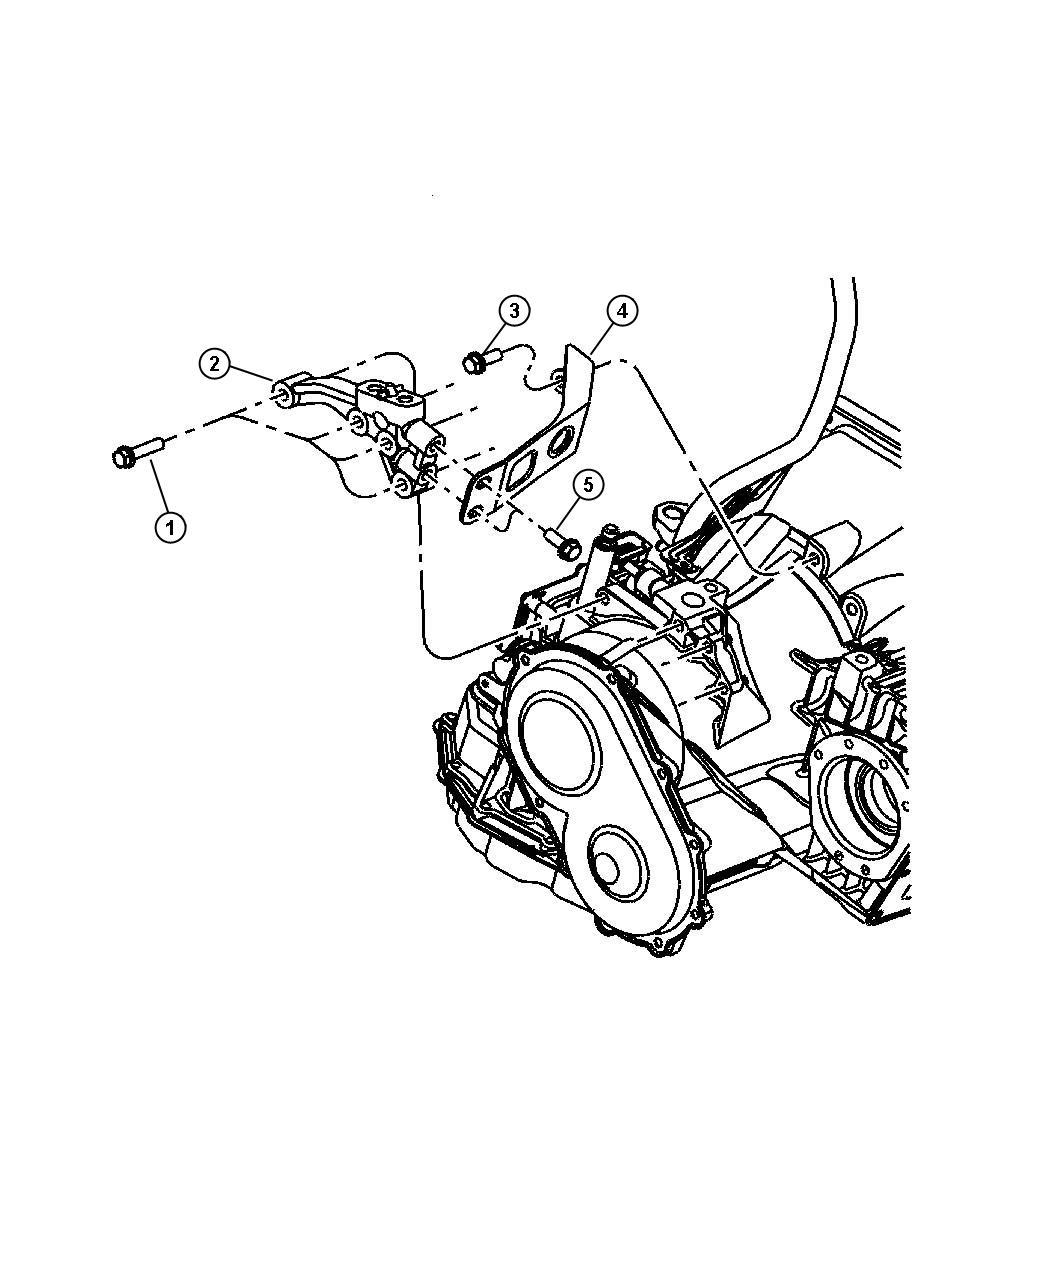 2006 Chrysler Pt Cruiser Support. Engine mount. Left